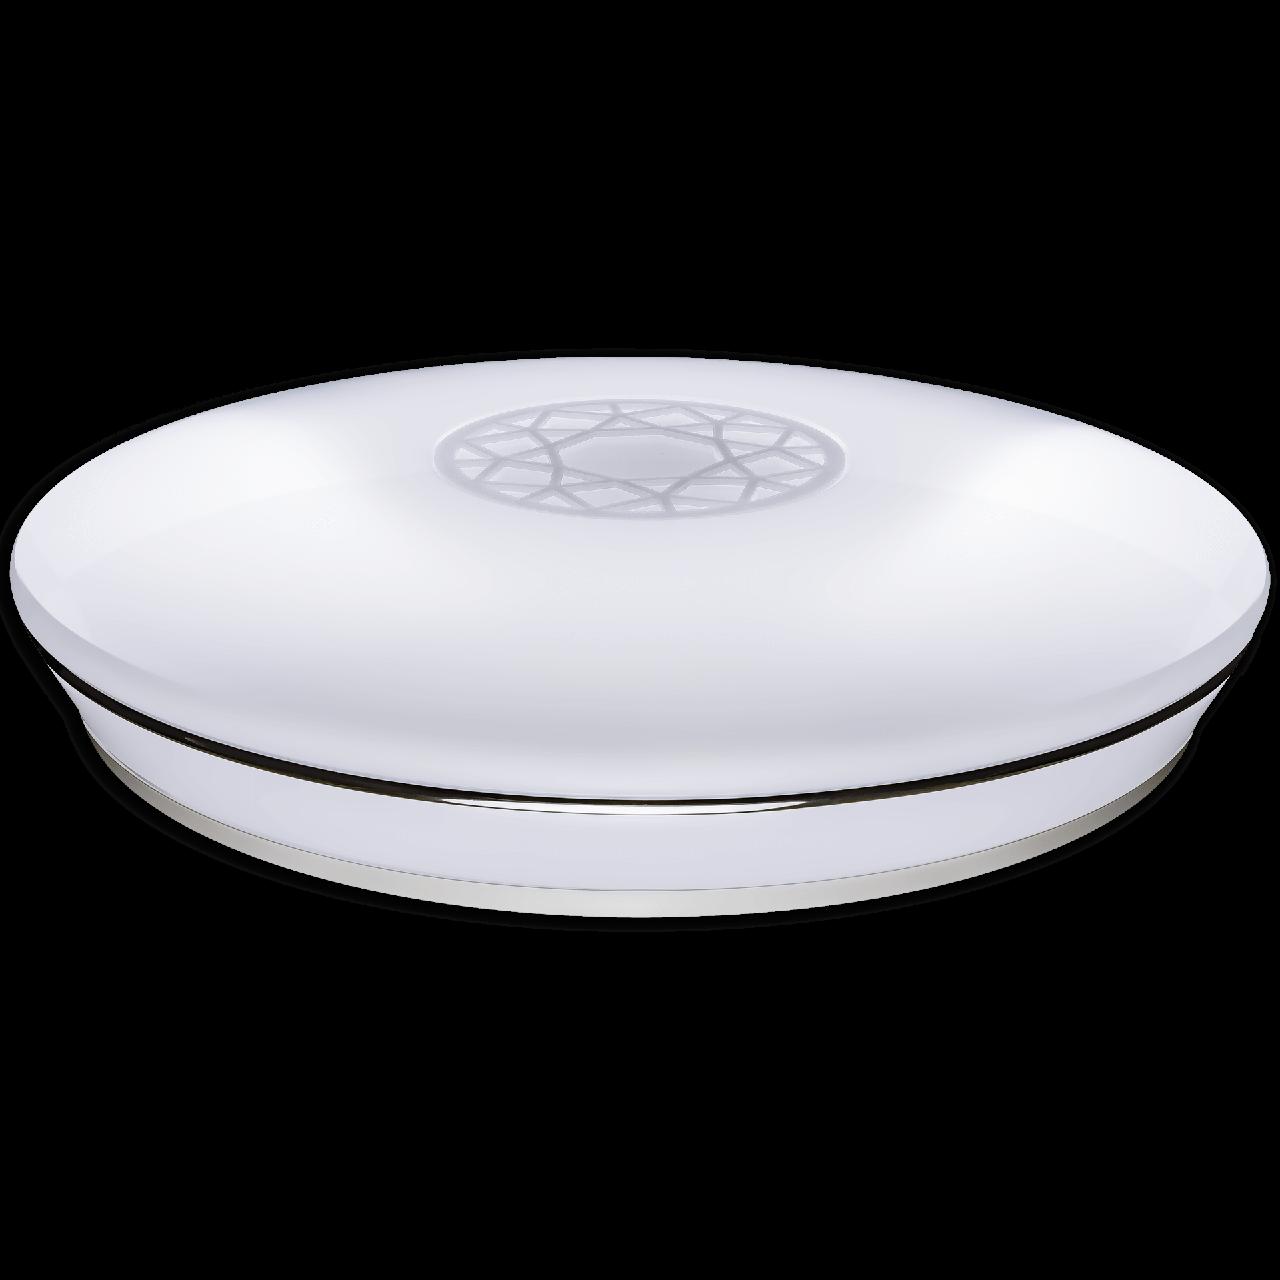 Умный светодиодный светильник Ilumia The Spirit of classic + пульт ДУ, WiFi, 38Вт, 2800K-6000К (все темппературы света), 3600 Лм (070)